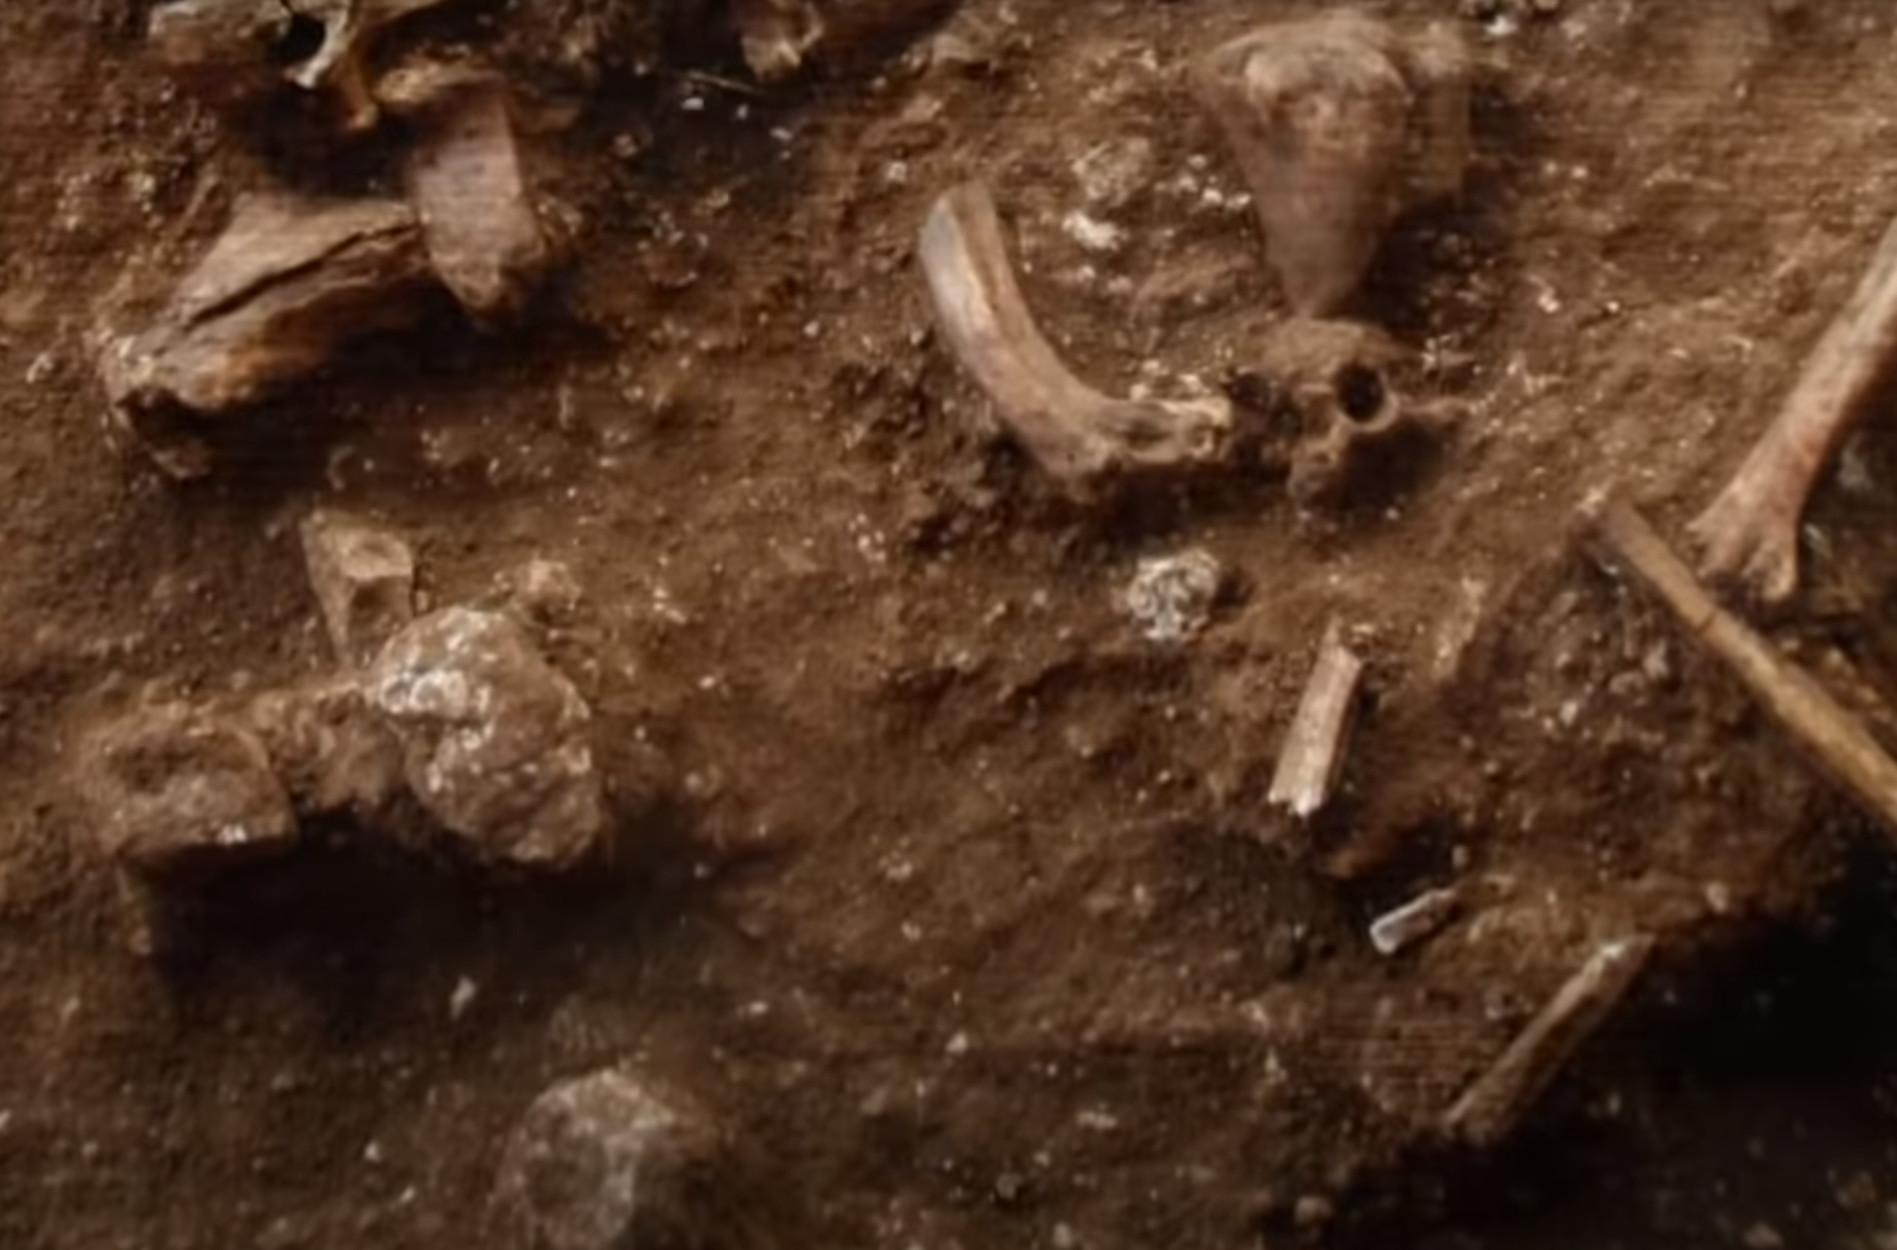 Ανακαλύφθηκε νέο είδος προϊστορικού ανθρώπου! Ανατρέπει όσα ξέραμε για τους Νεάντερταλ (video)